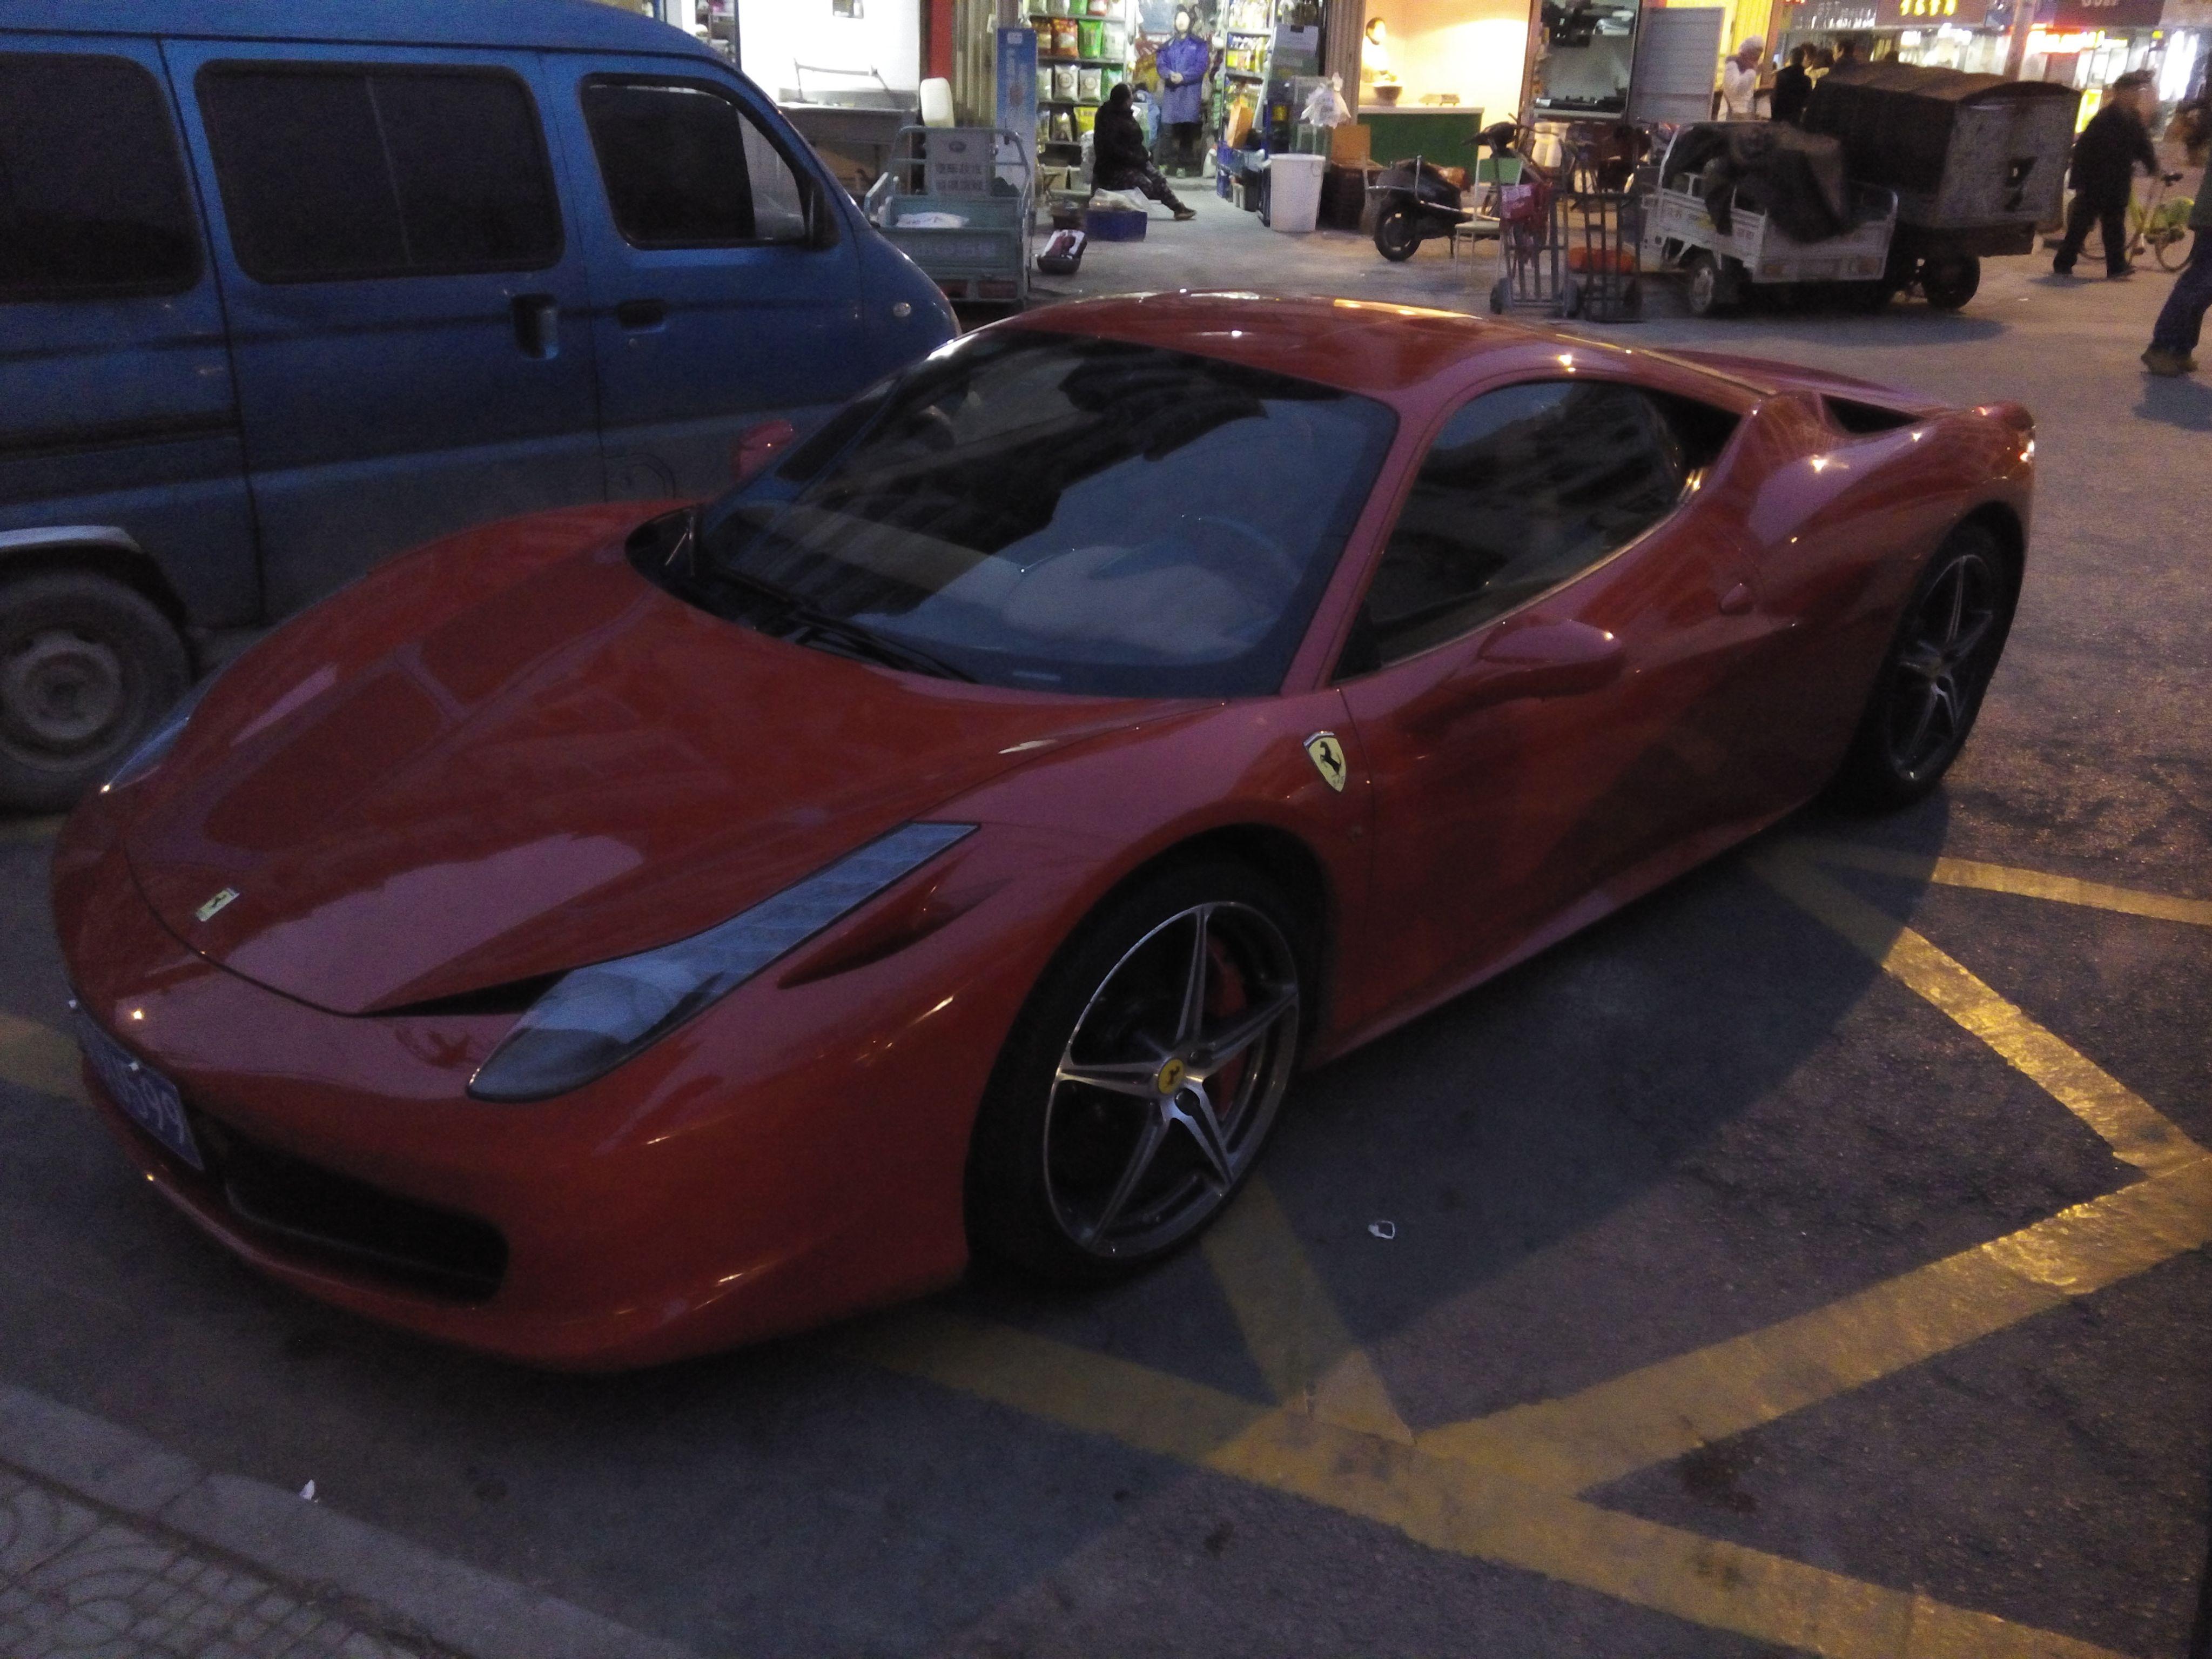 法拉利跑车型号 求大神辨析这是法拉利那一款车型高清图片